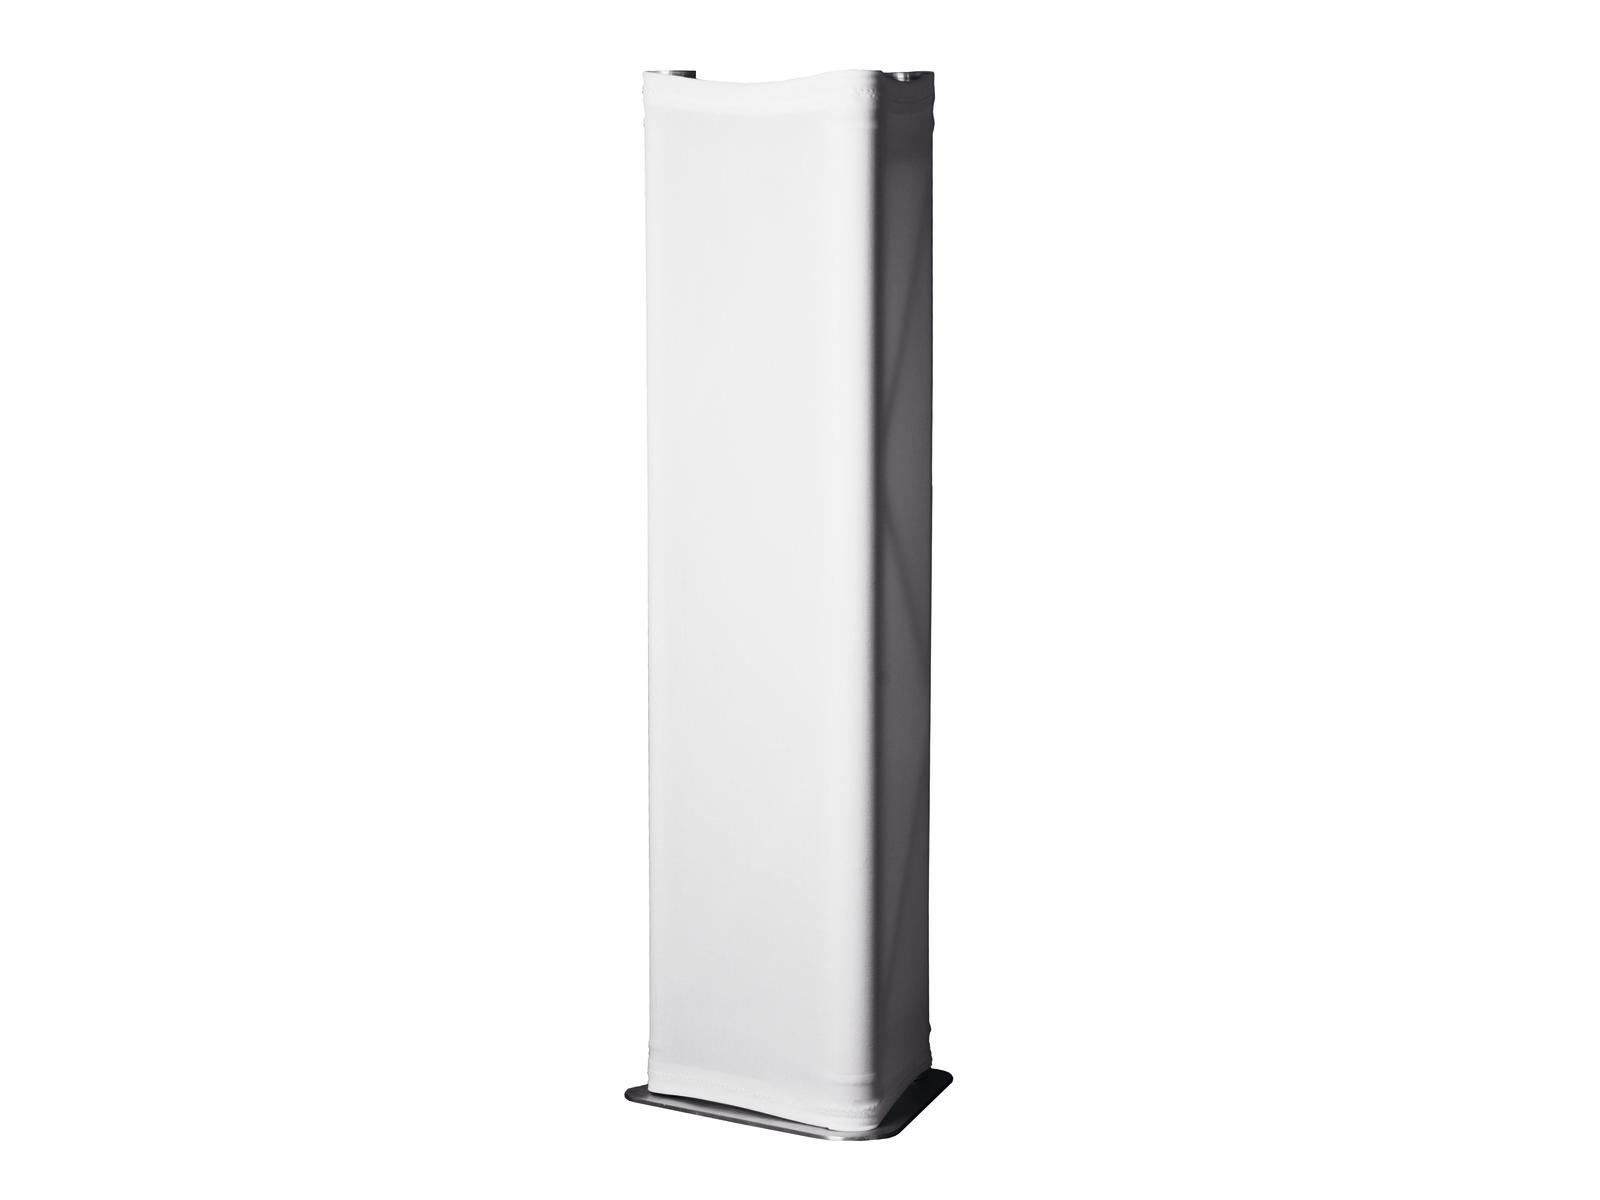 ESPANDERE XPTC20RV Capriata di copertura di 200 cm bianco